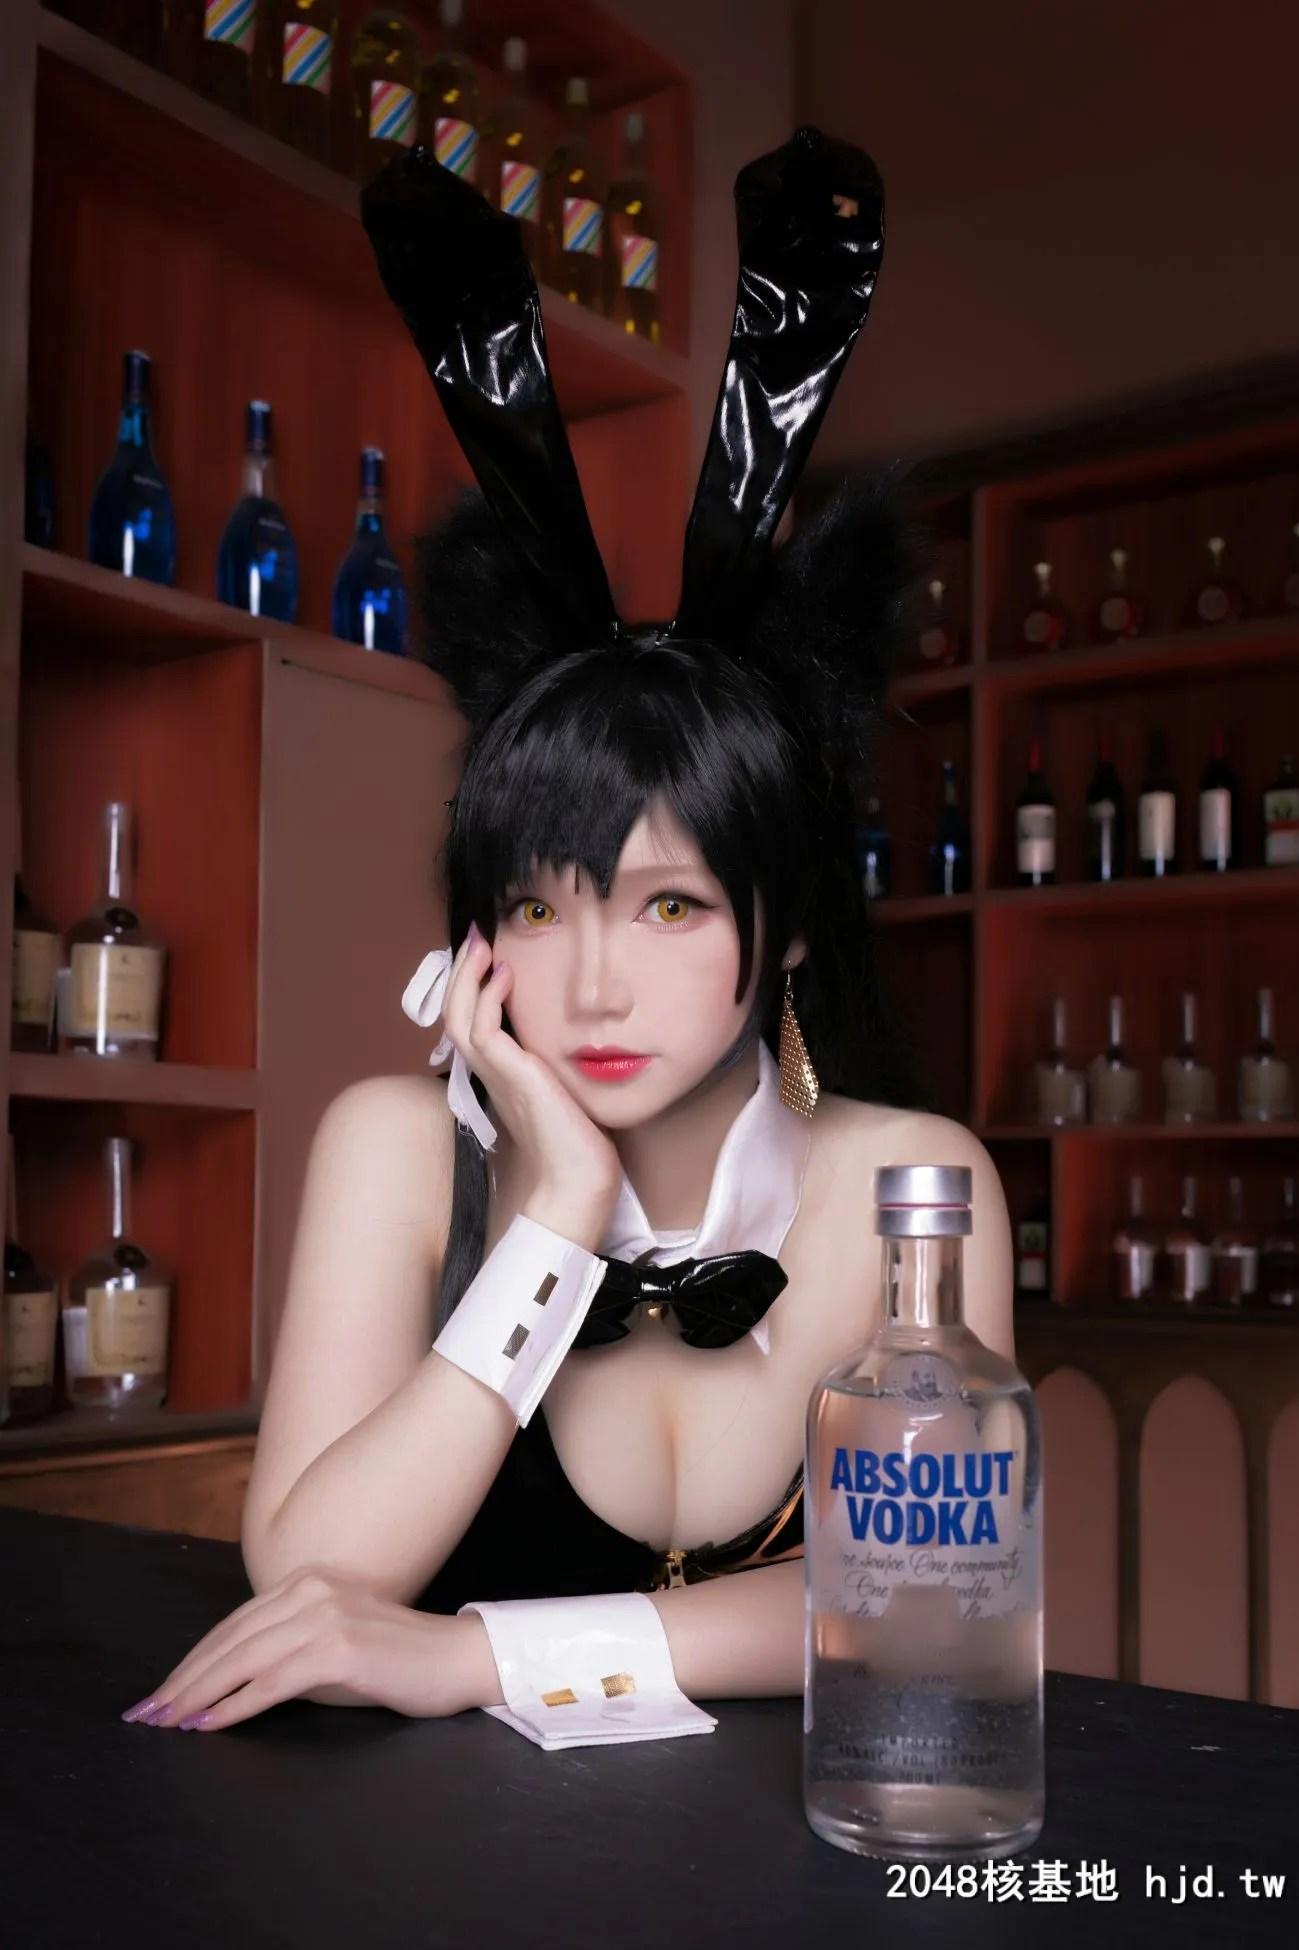 《碧蓝航线》爱宕性感黑丝吊带兔女郎Cosplay【CN:雪晴Astra-】 (30P)插图(8)